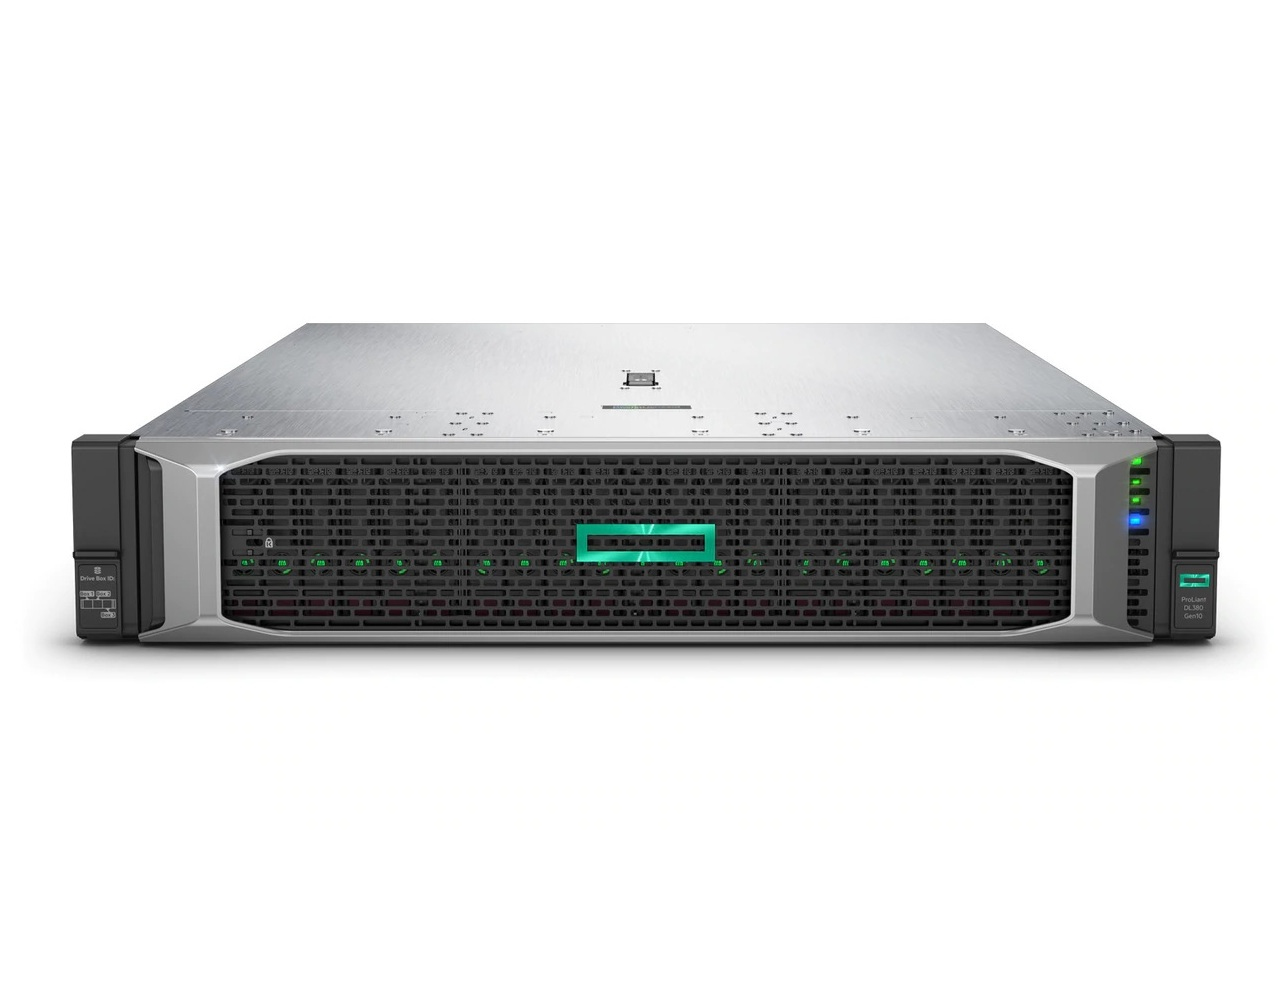 HP Enterprise ProLiant DL380 Gen10 4210 8SFF PERF WW - 2,2 GHz - 4210 - 32 GB - DDR4-SDRAM - 800 W - Rack (2U)